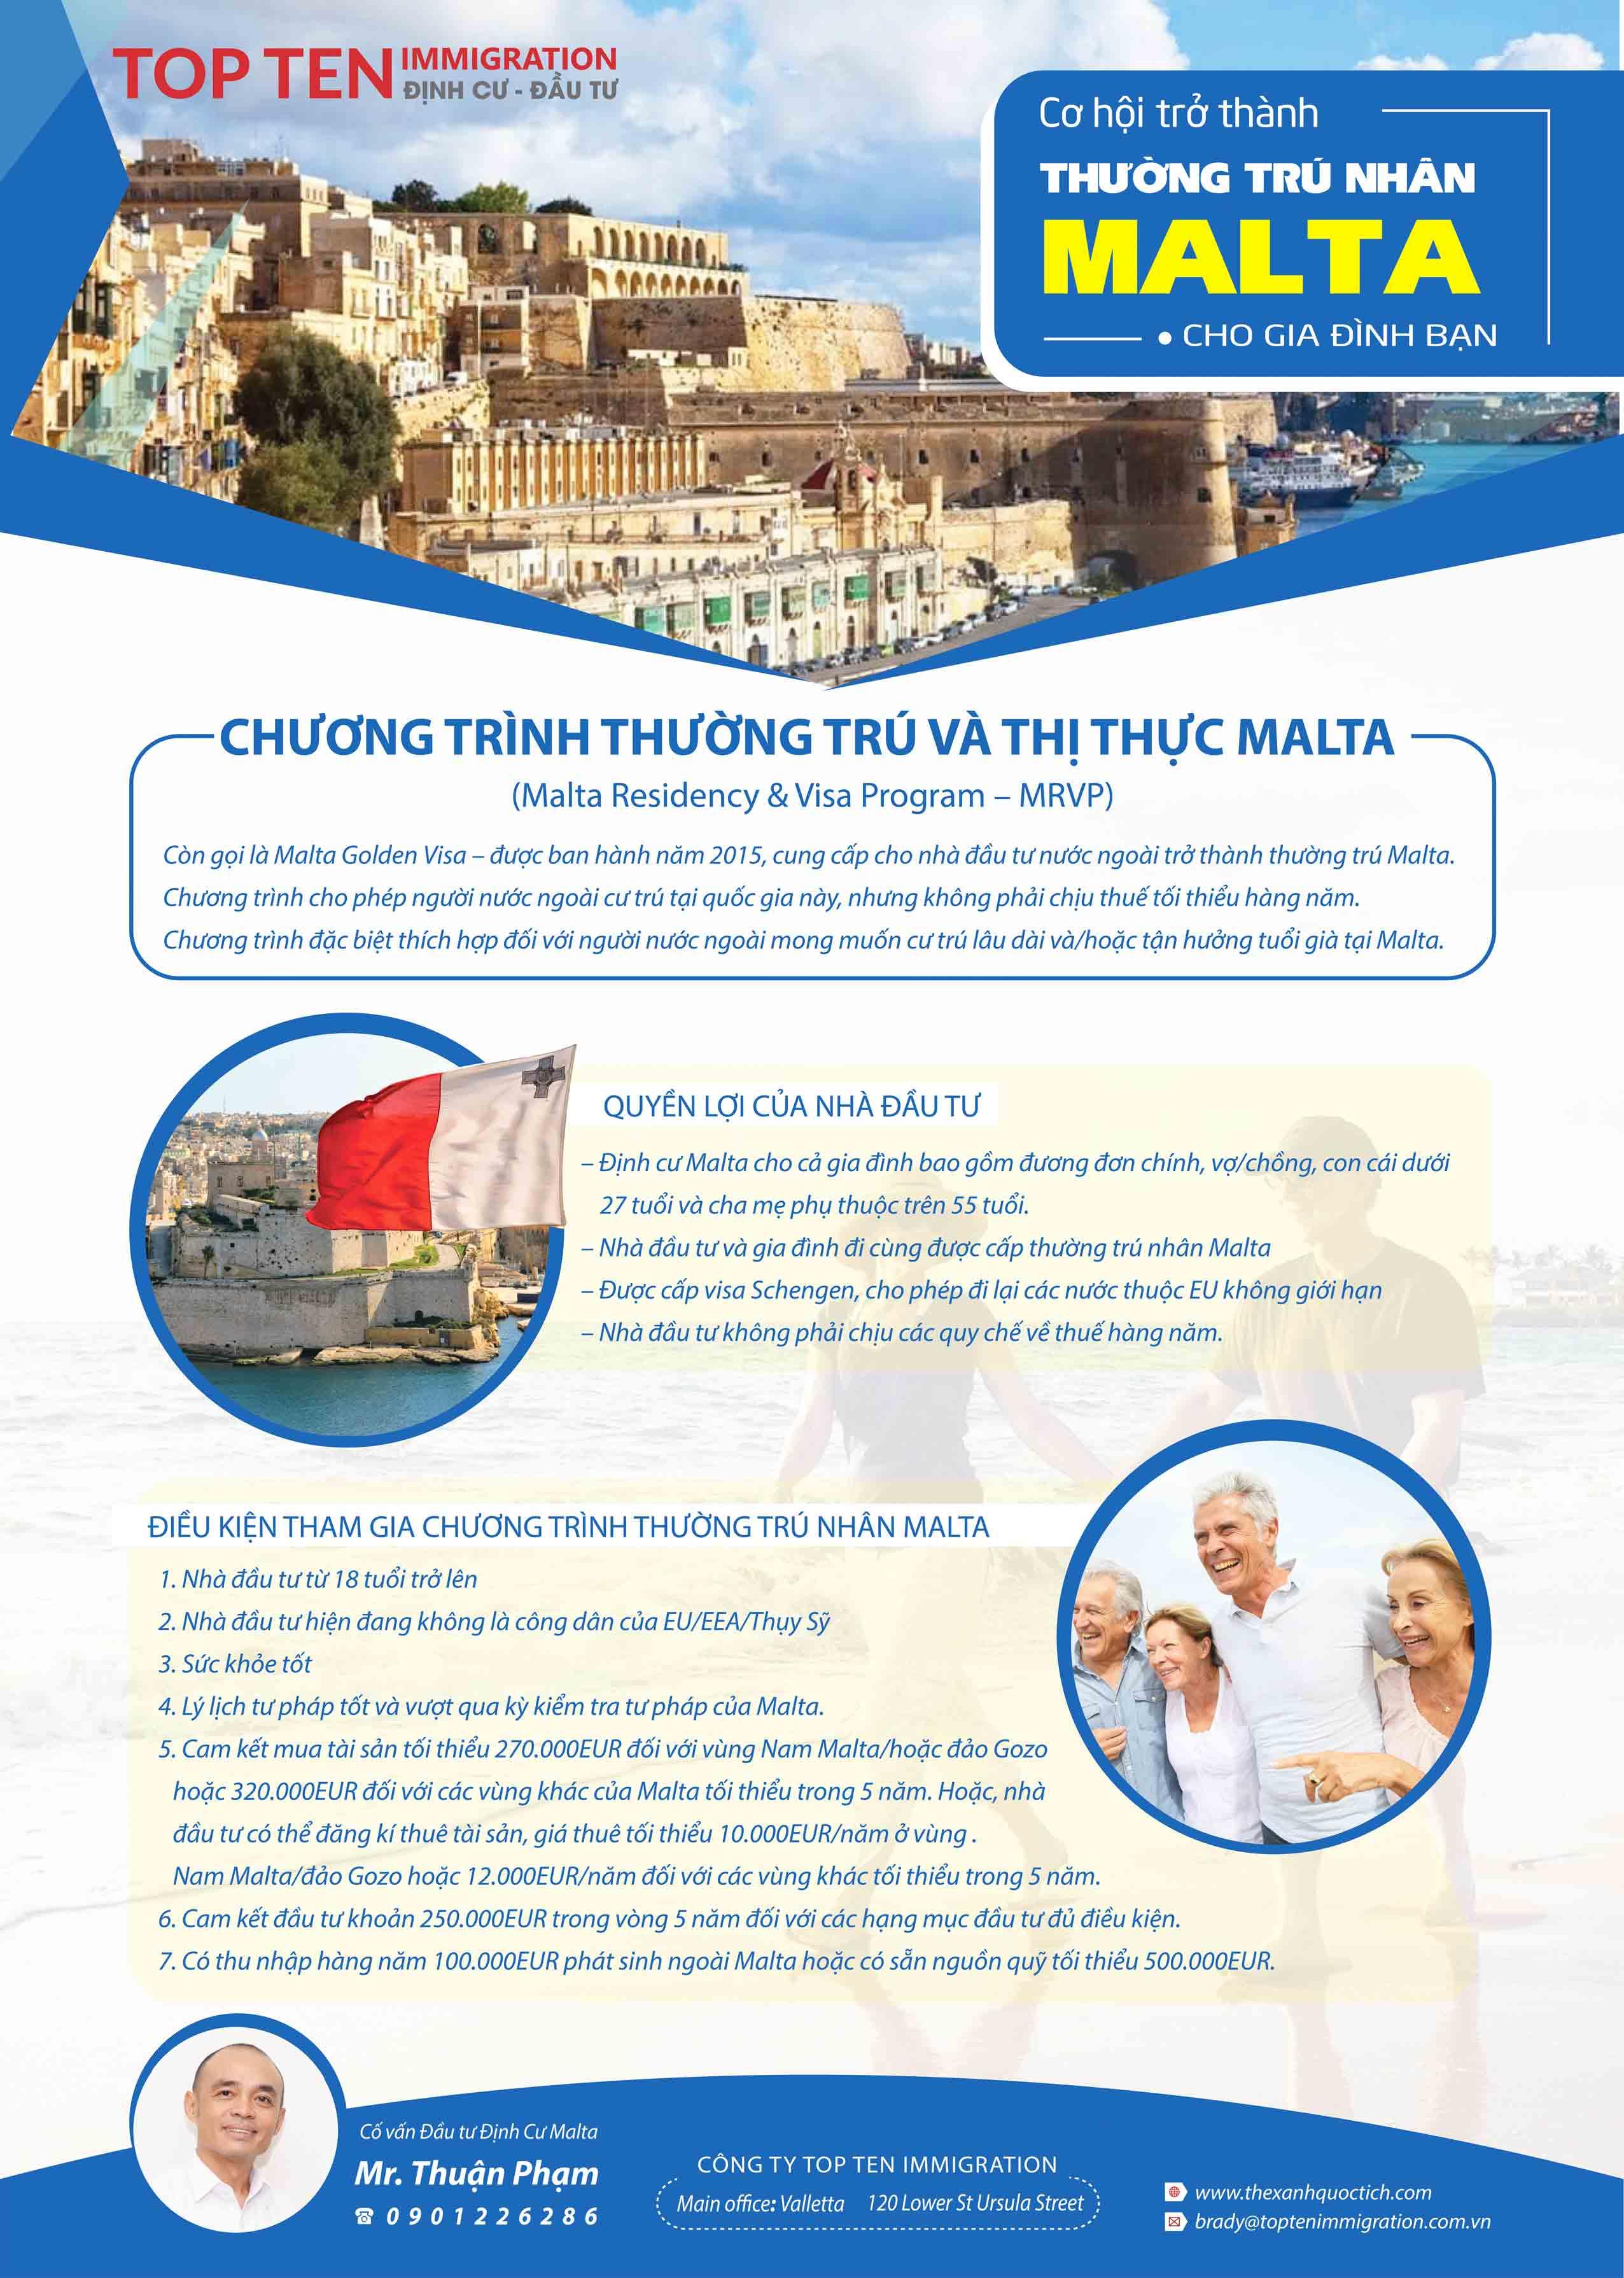 Chương trình đầu tư định cư thường trú nhân Malta